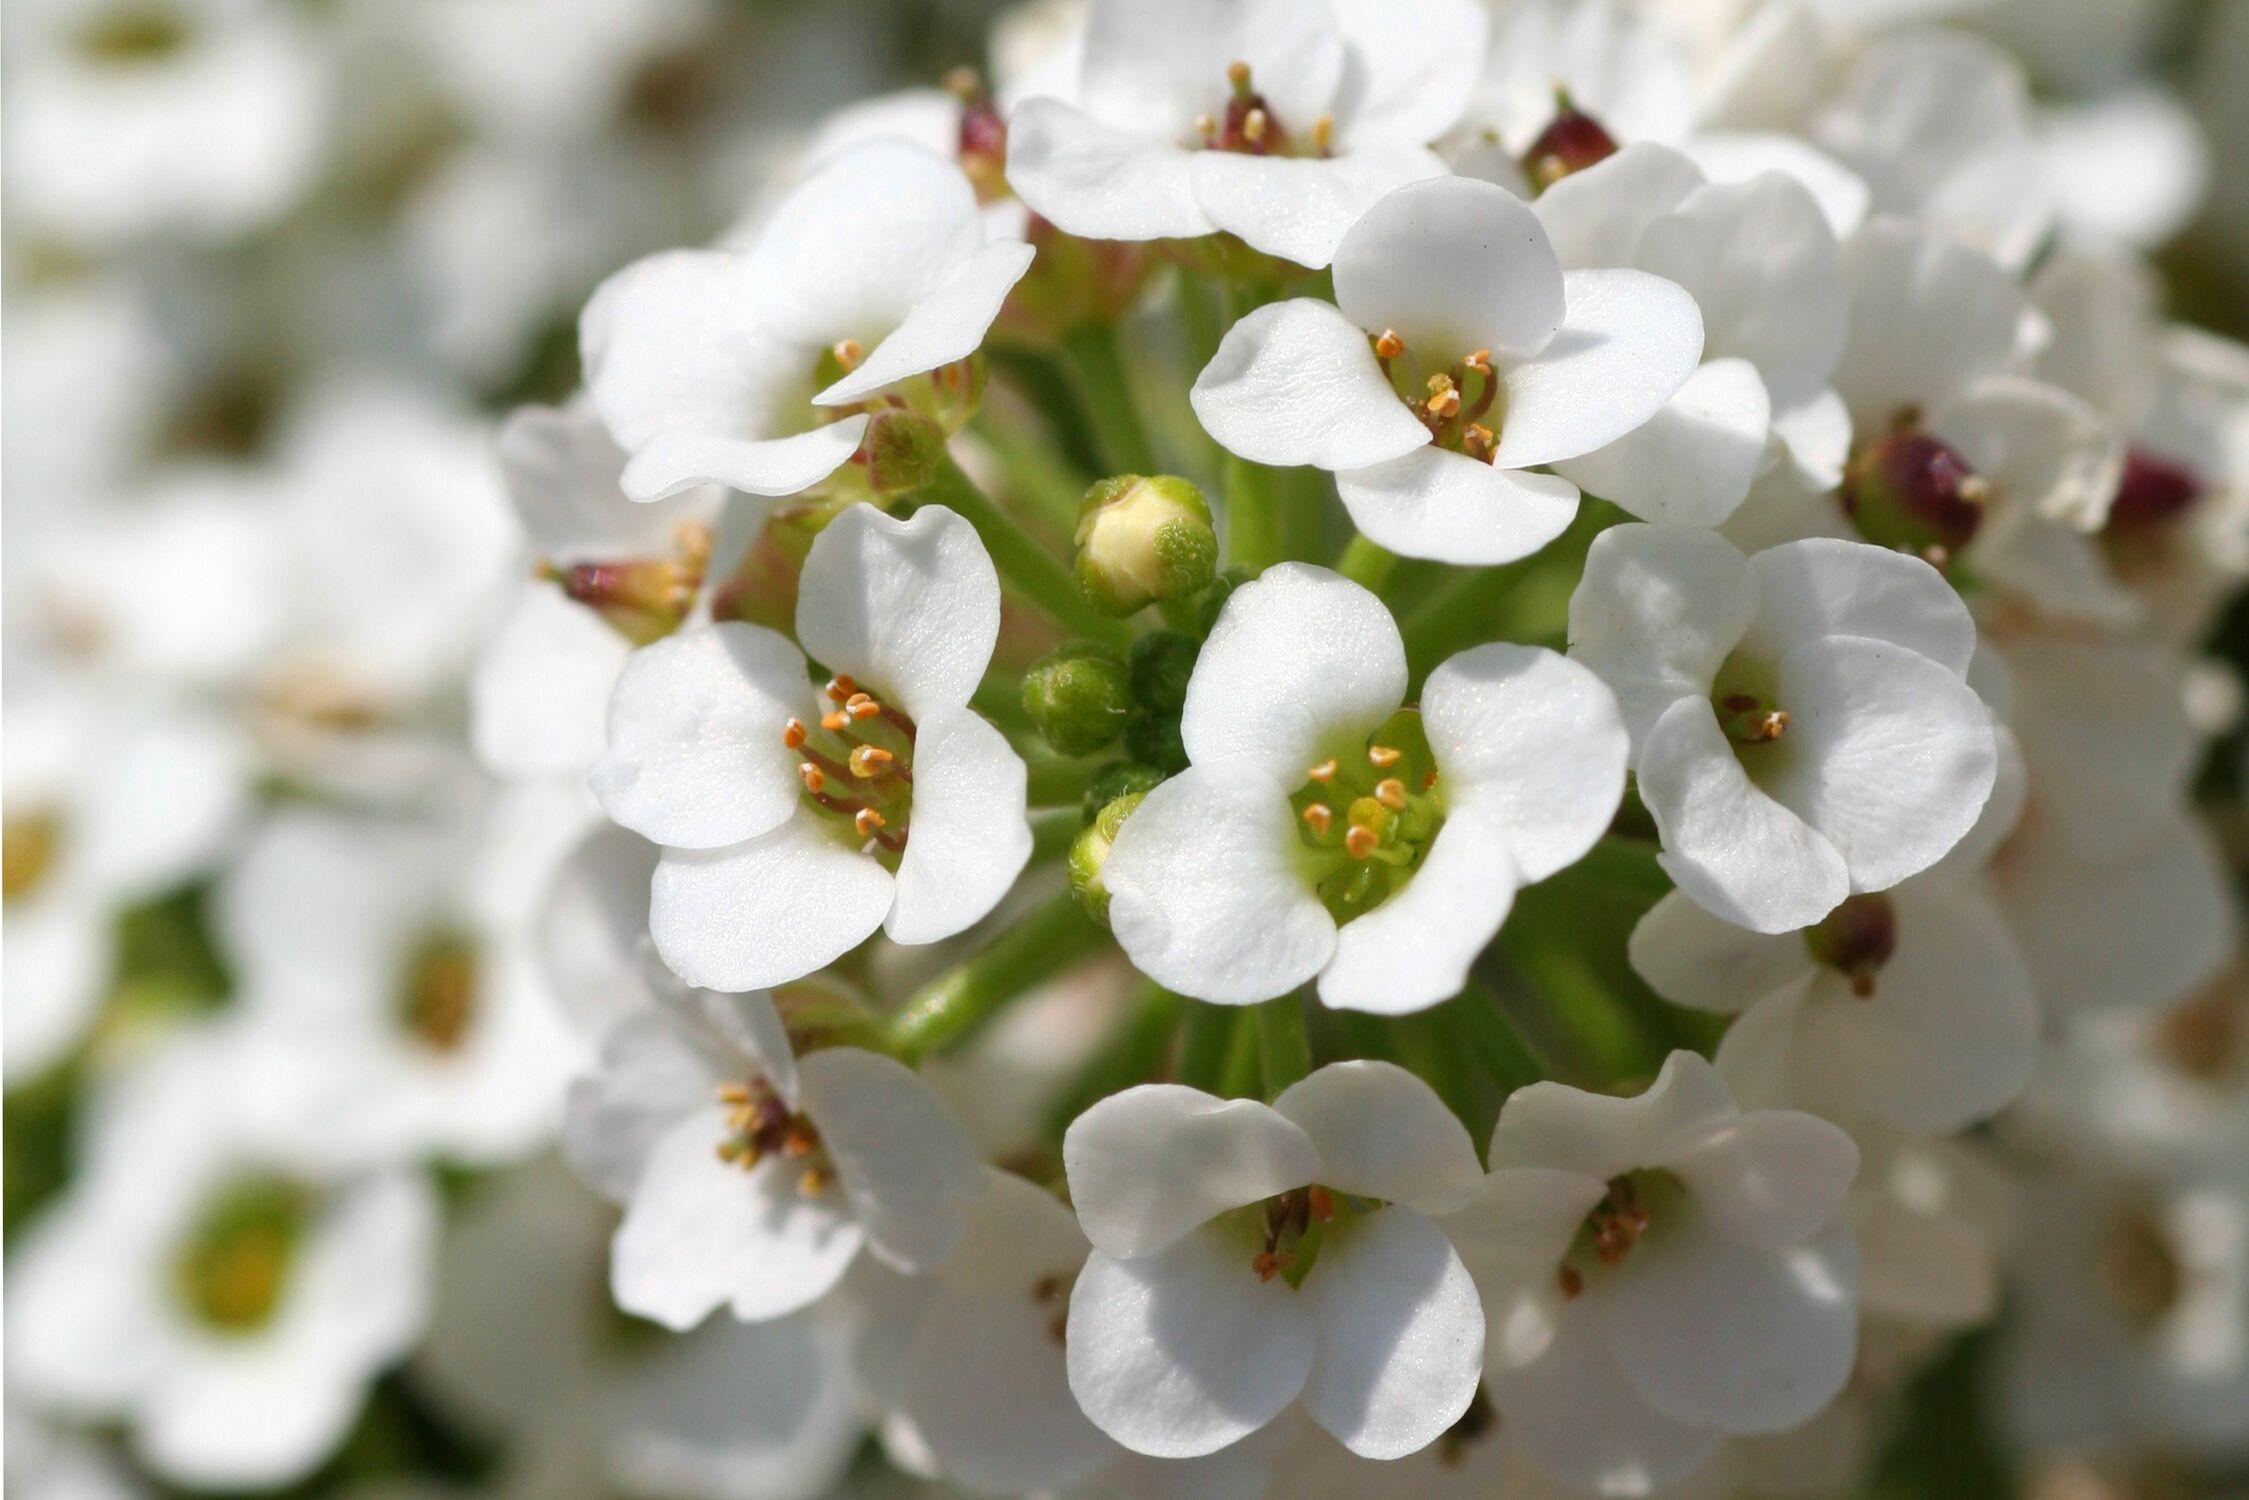 Bild mit Farben, Natur, Pflanzen, Jahreszeiten, Blumen, Weiß, Frühling